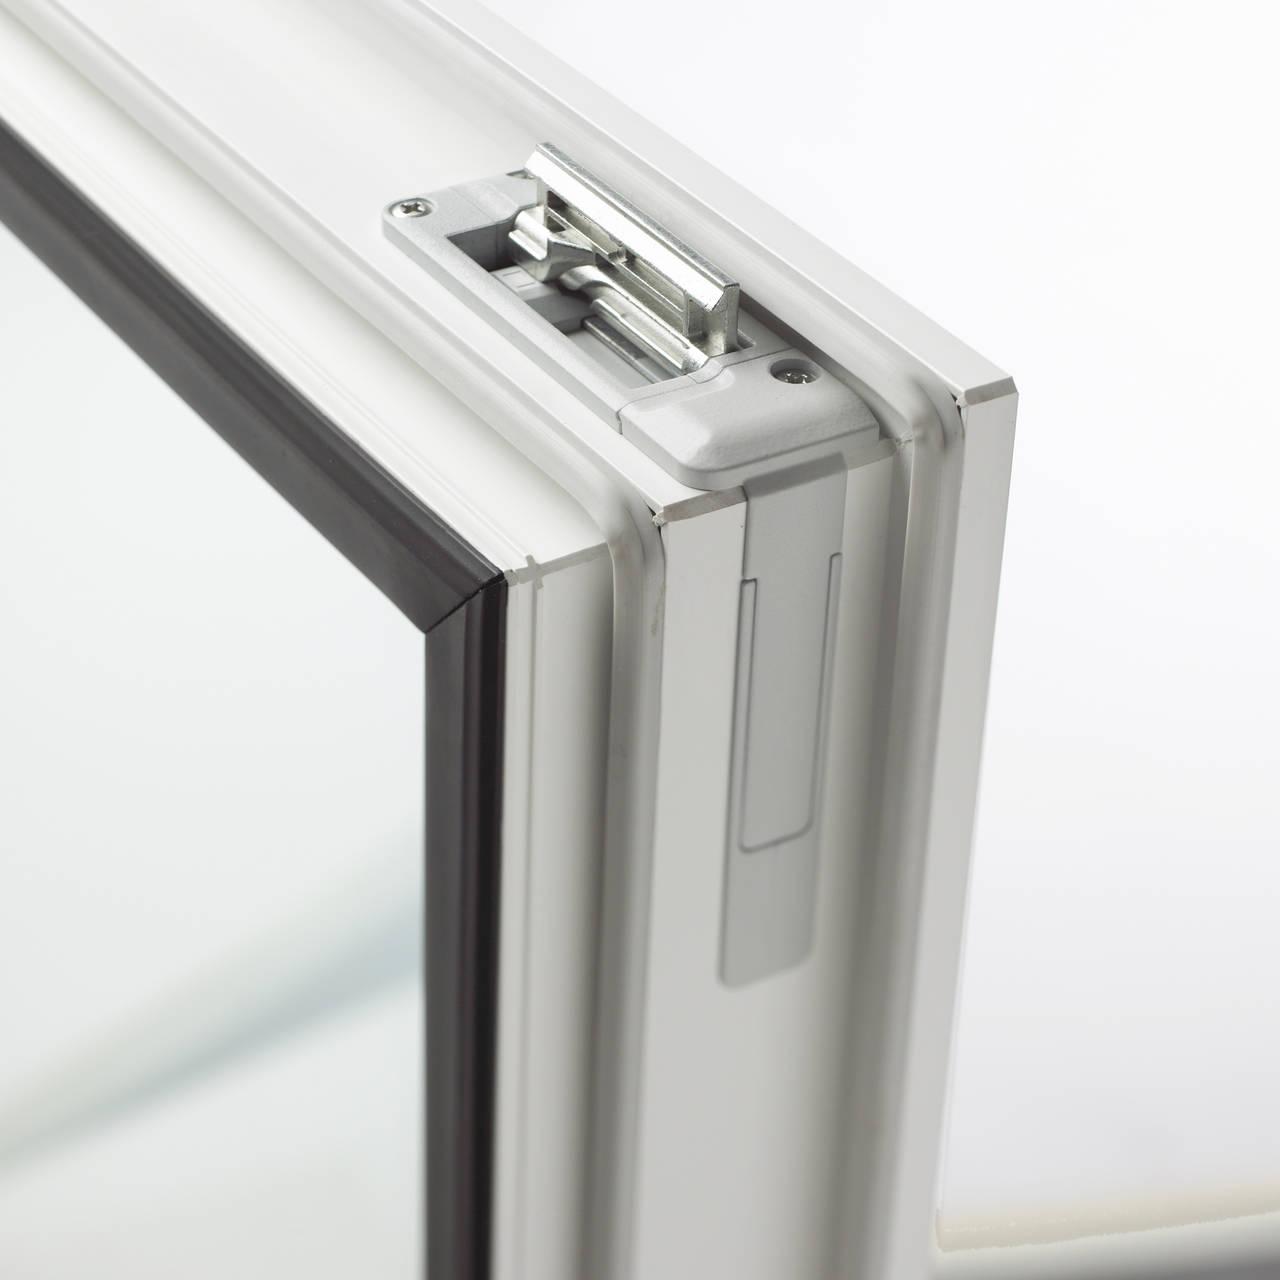 I-tec Ferramenta di design - Posizione sollevata del deflettore di chiusura solo nell'istante prima della chiusura del serramento